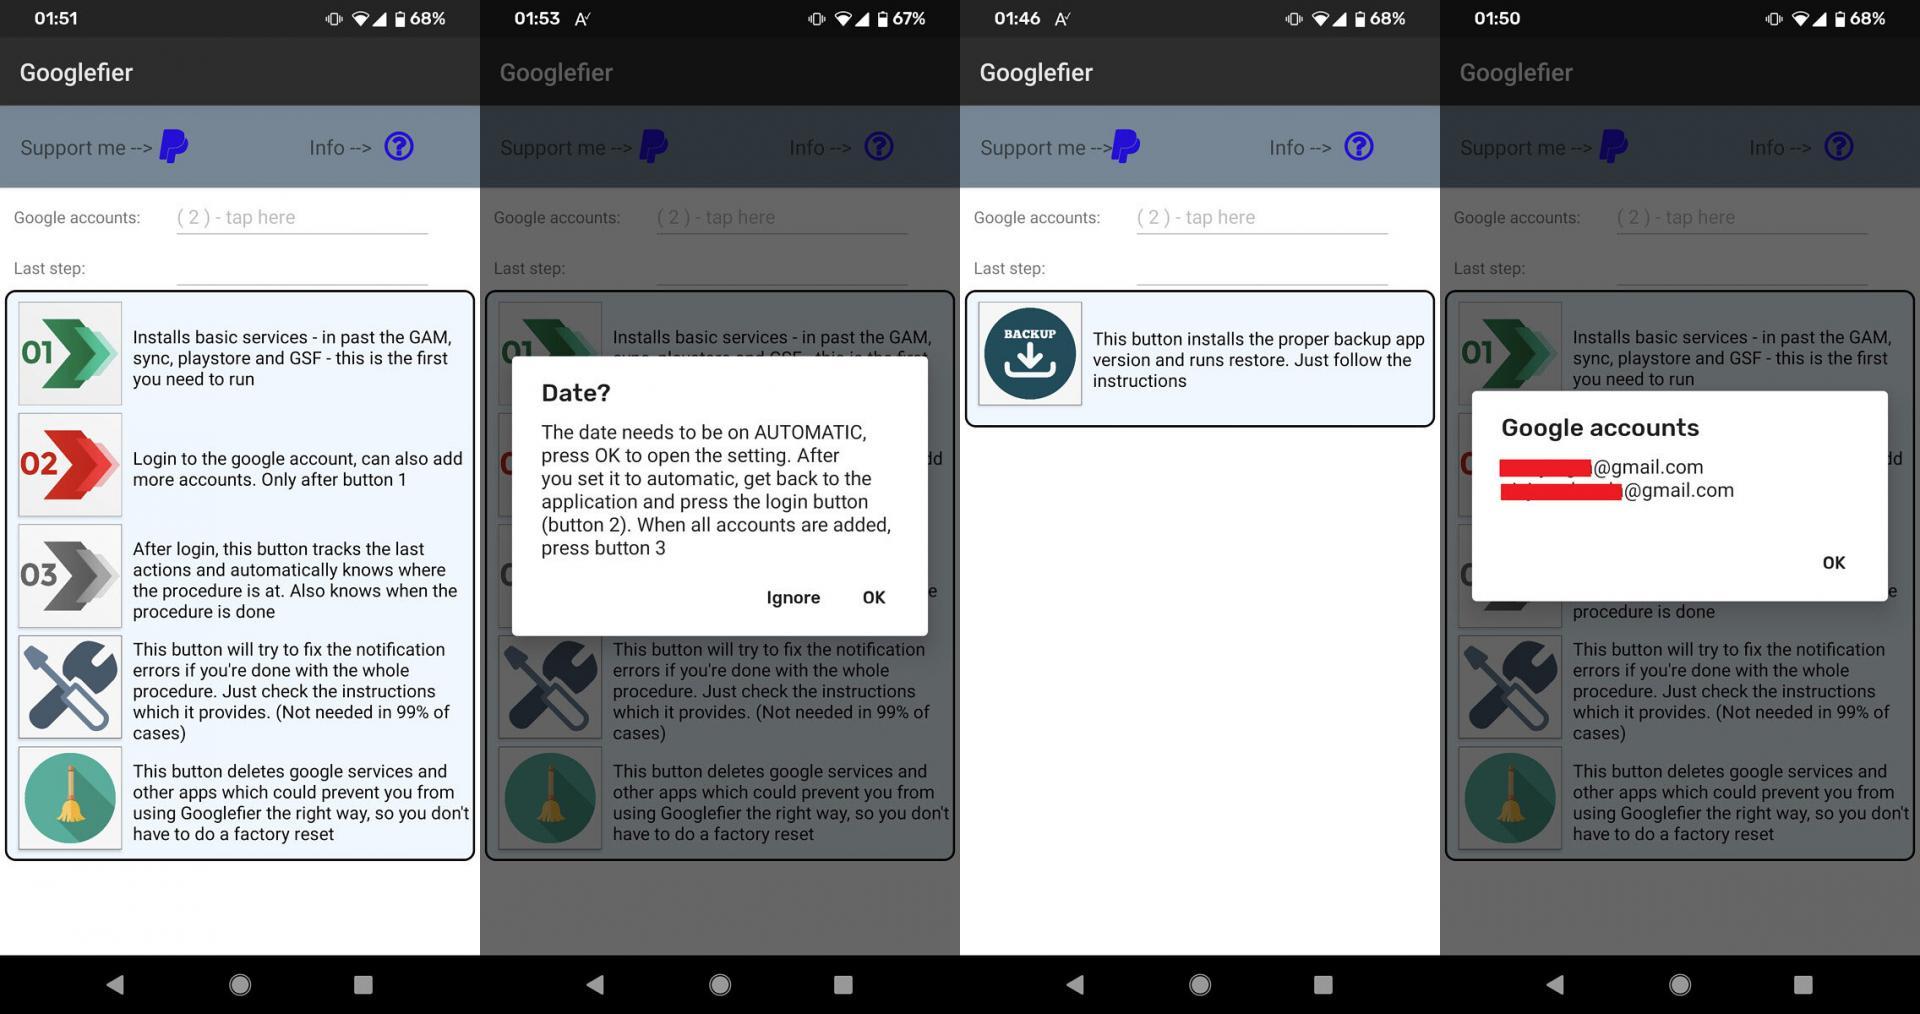 Теперь есть простой автоматизированый способ установки Google-сервисов наHUAWEI иHONOR